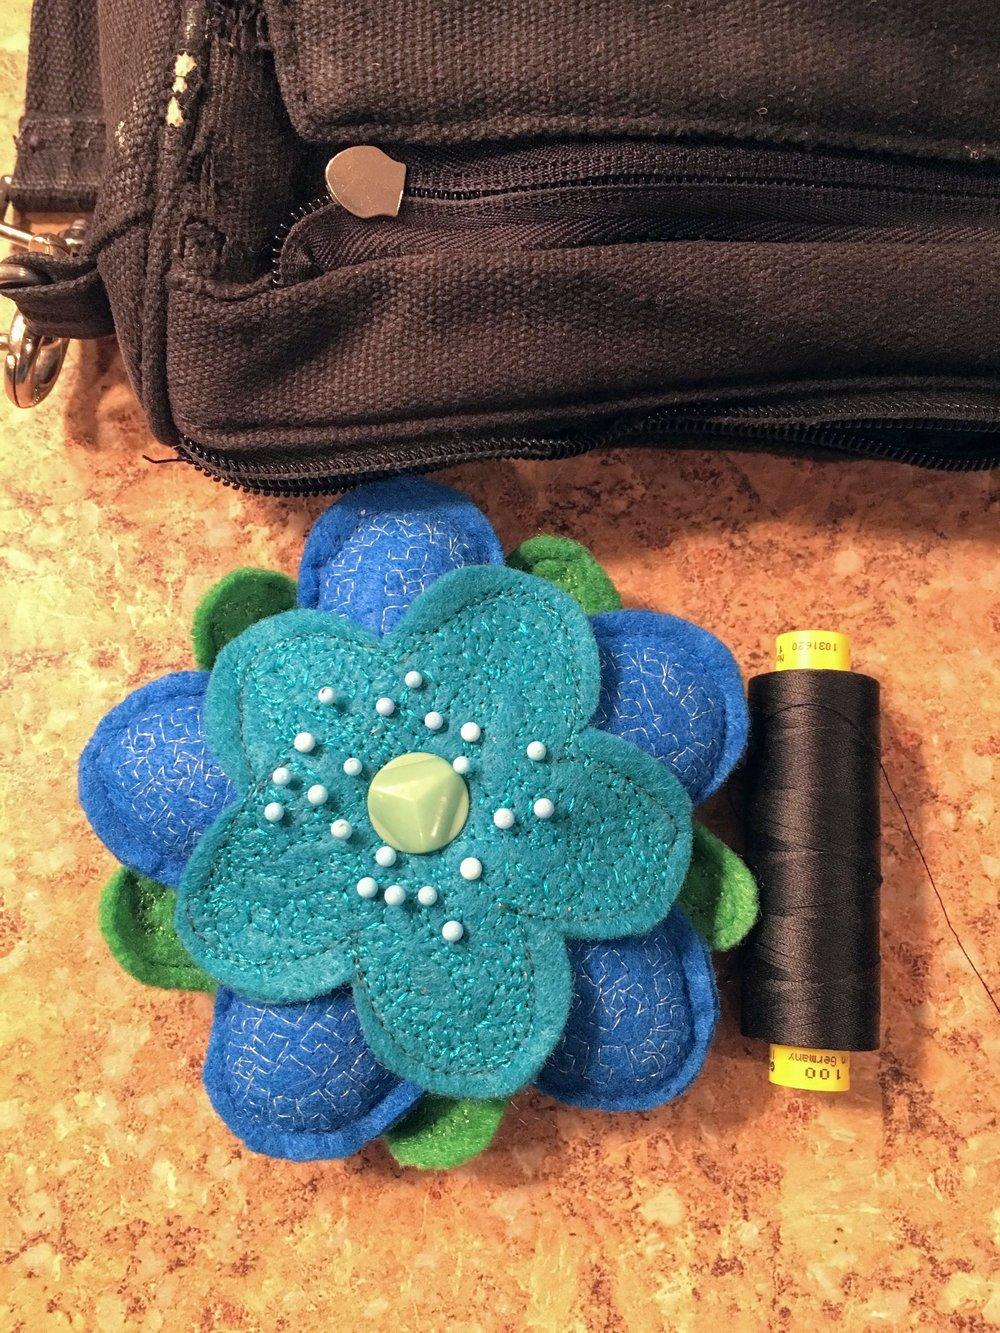 Everyday Mending: Fix a Broken Zipper in a Bag